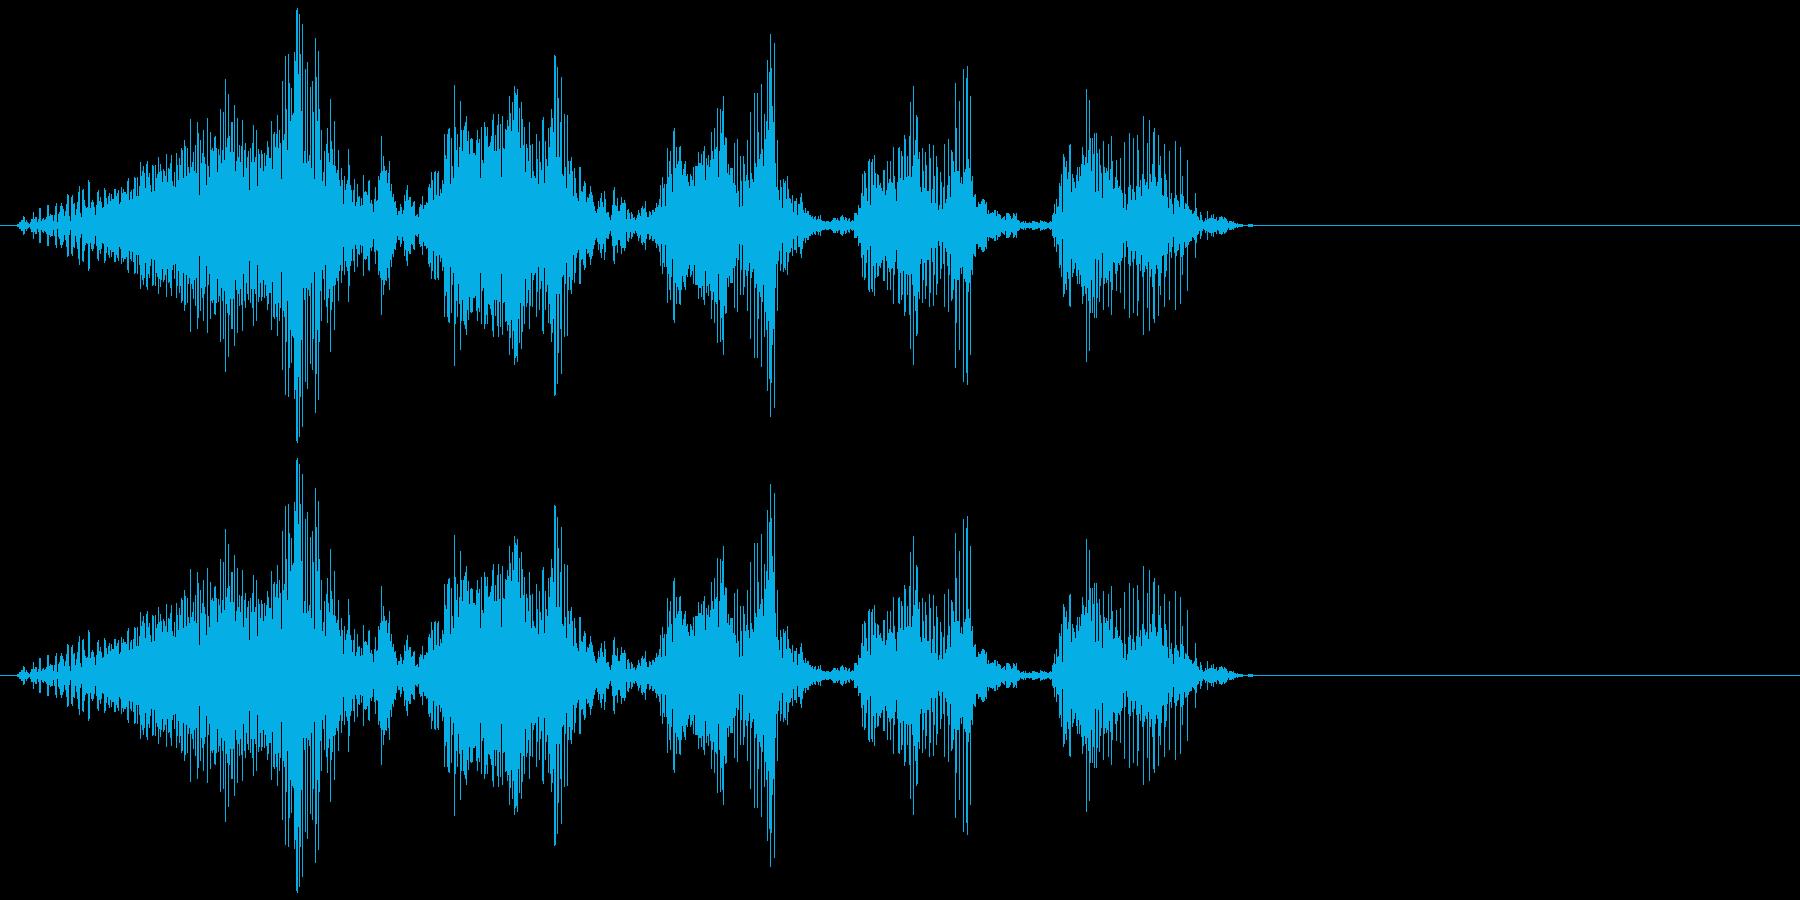 魔王の笑い声(低めのエフェクトボイス)の再生済みの波形